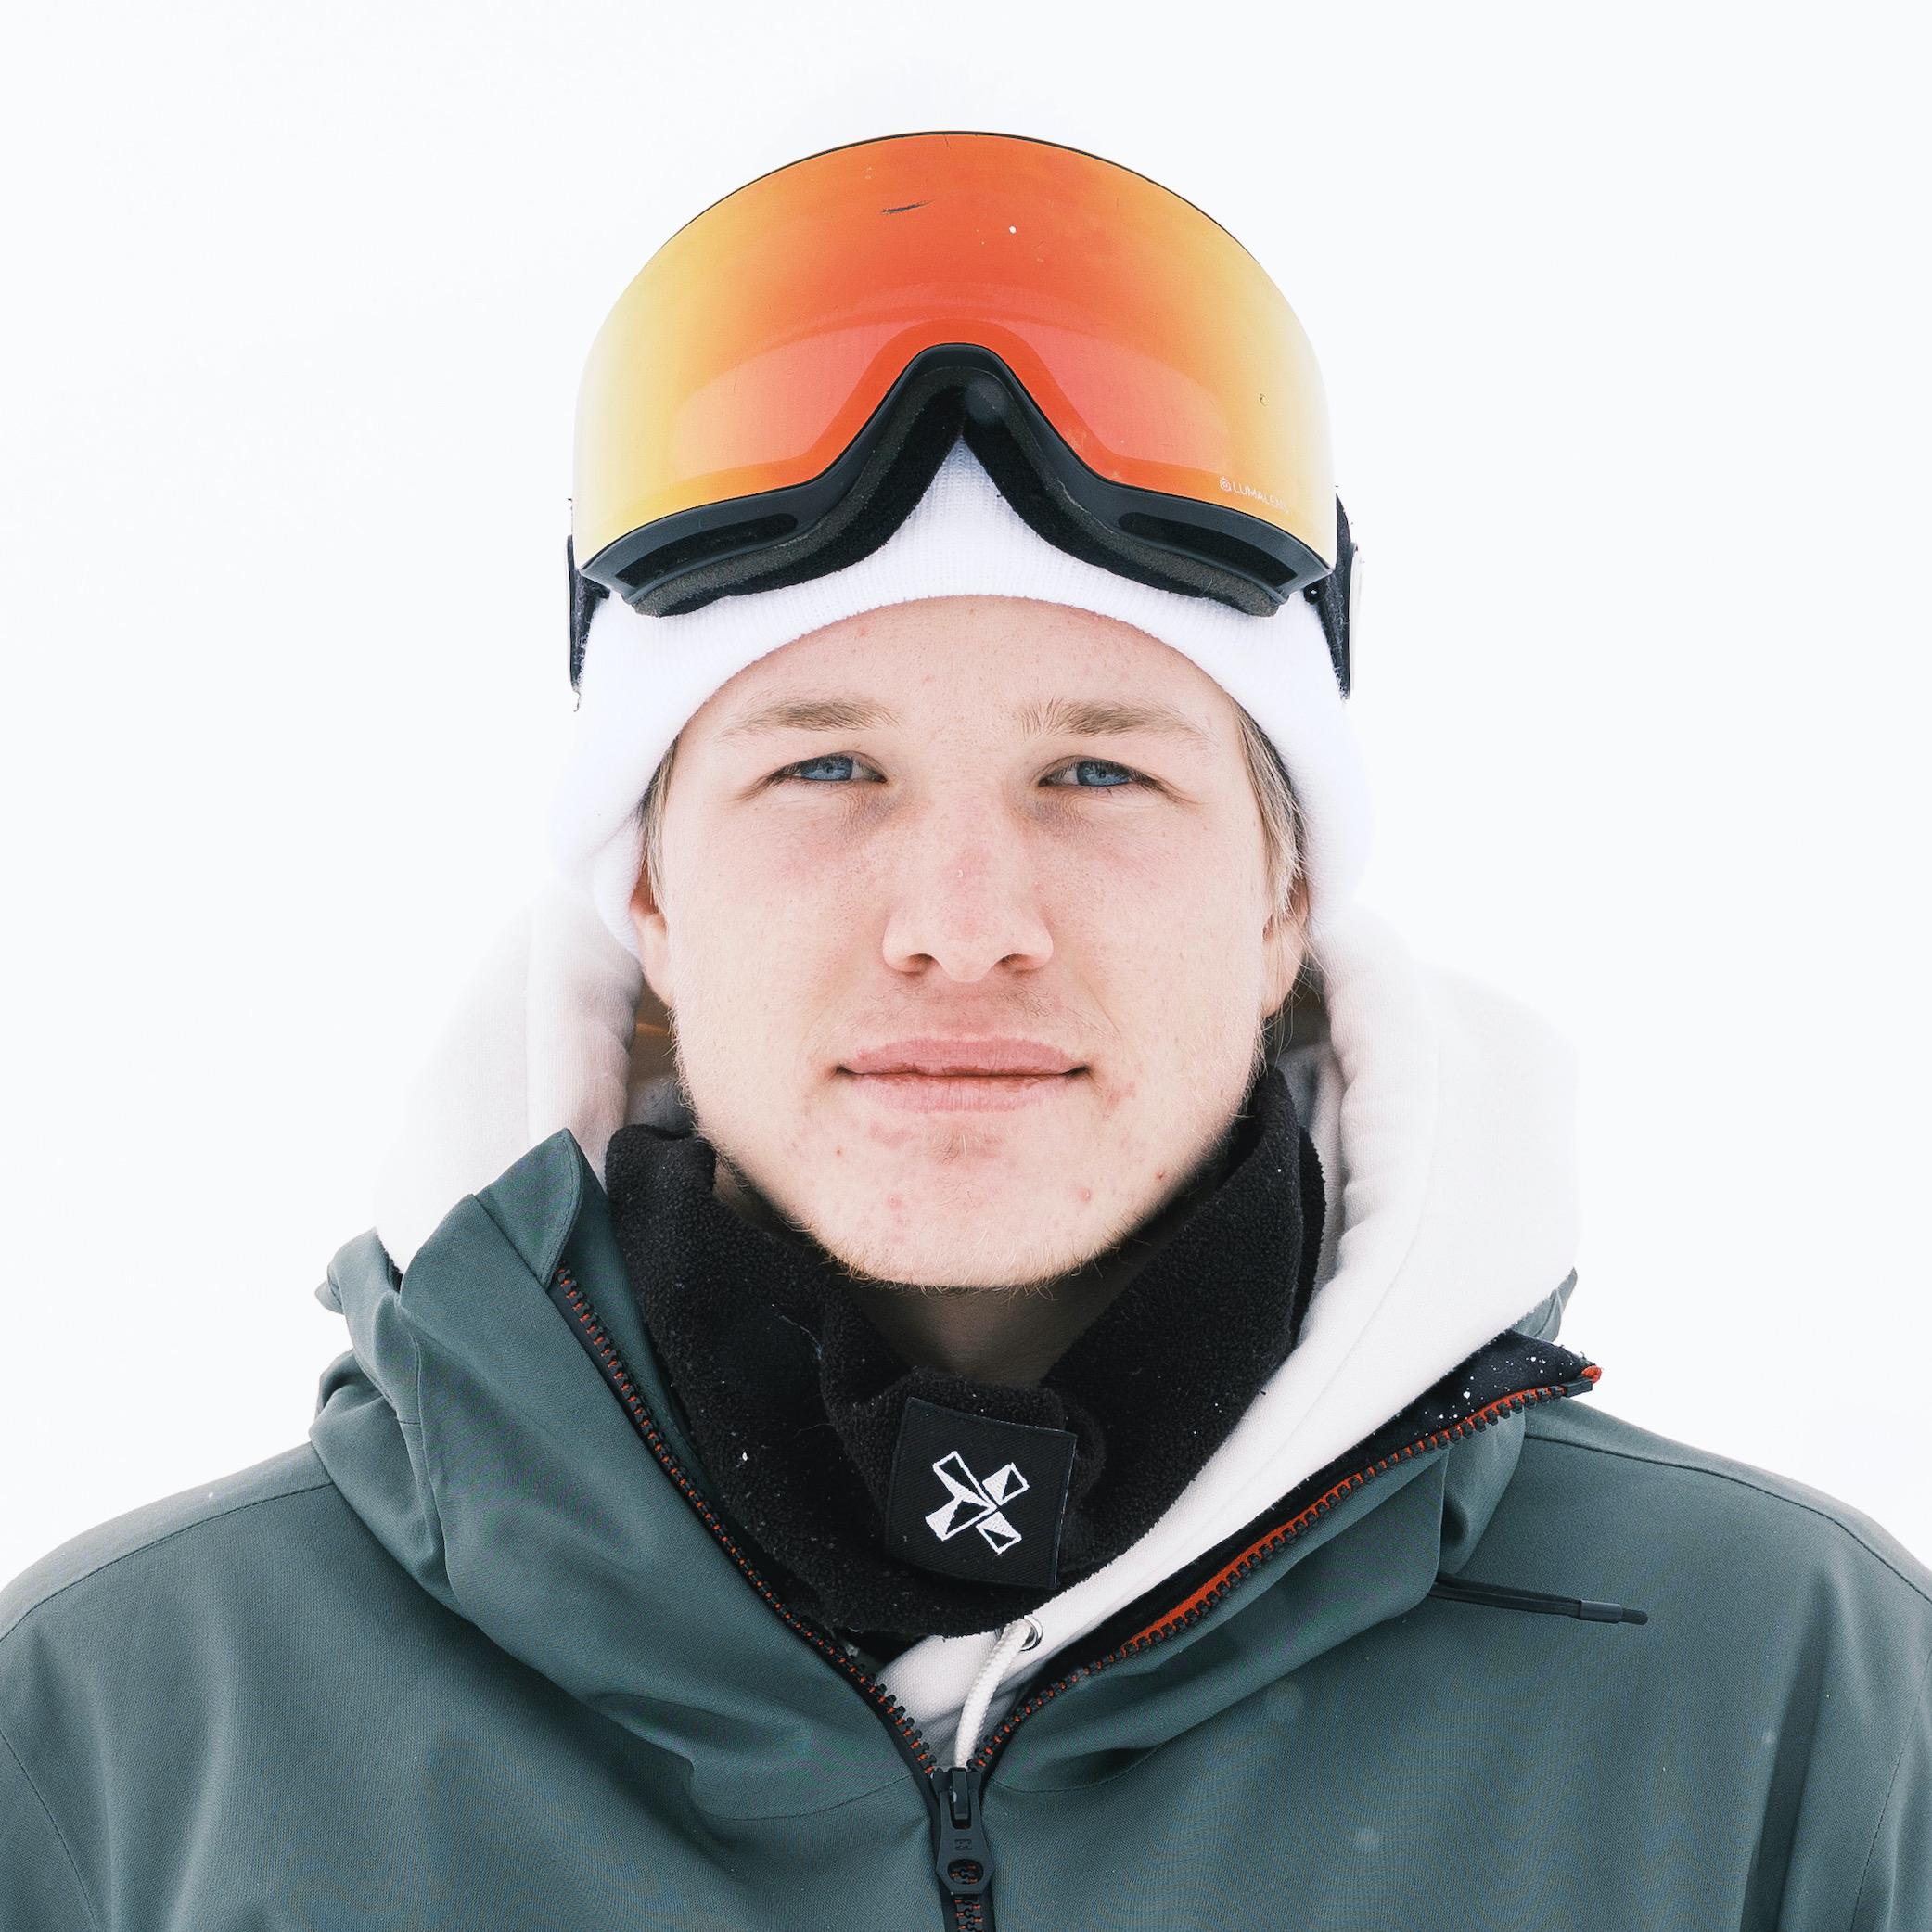 Stian Skogheim Kleivdal